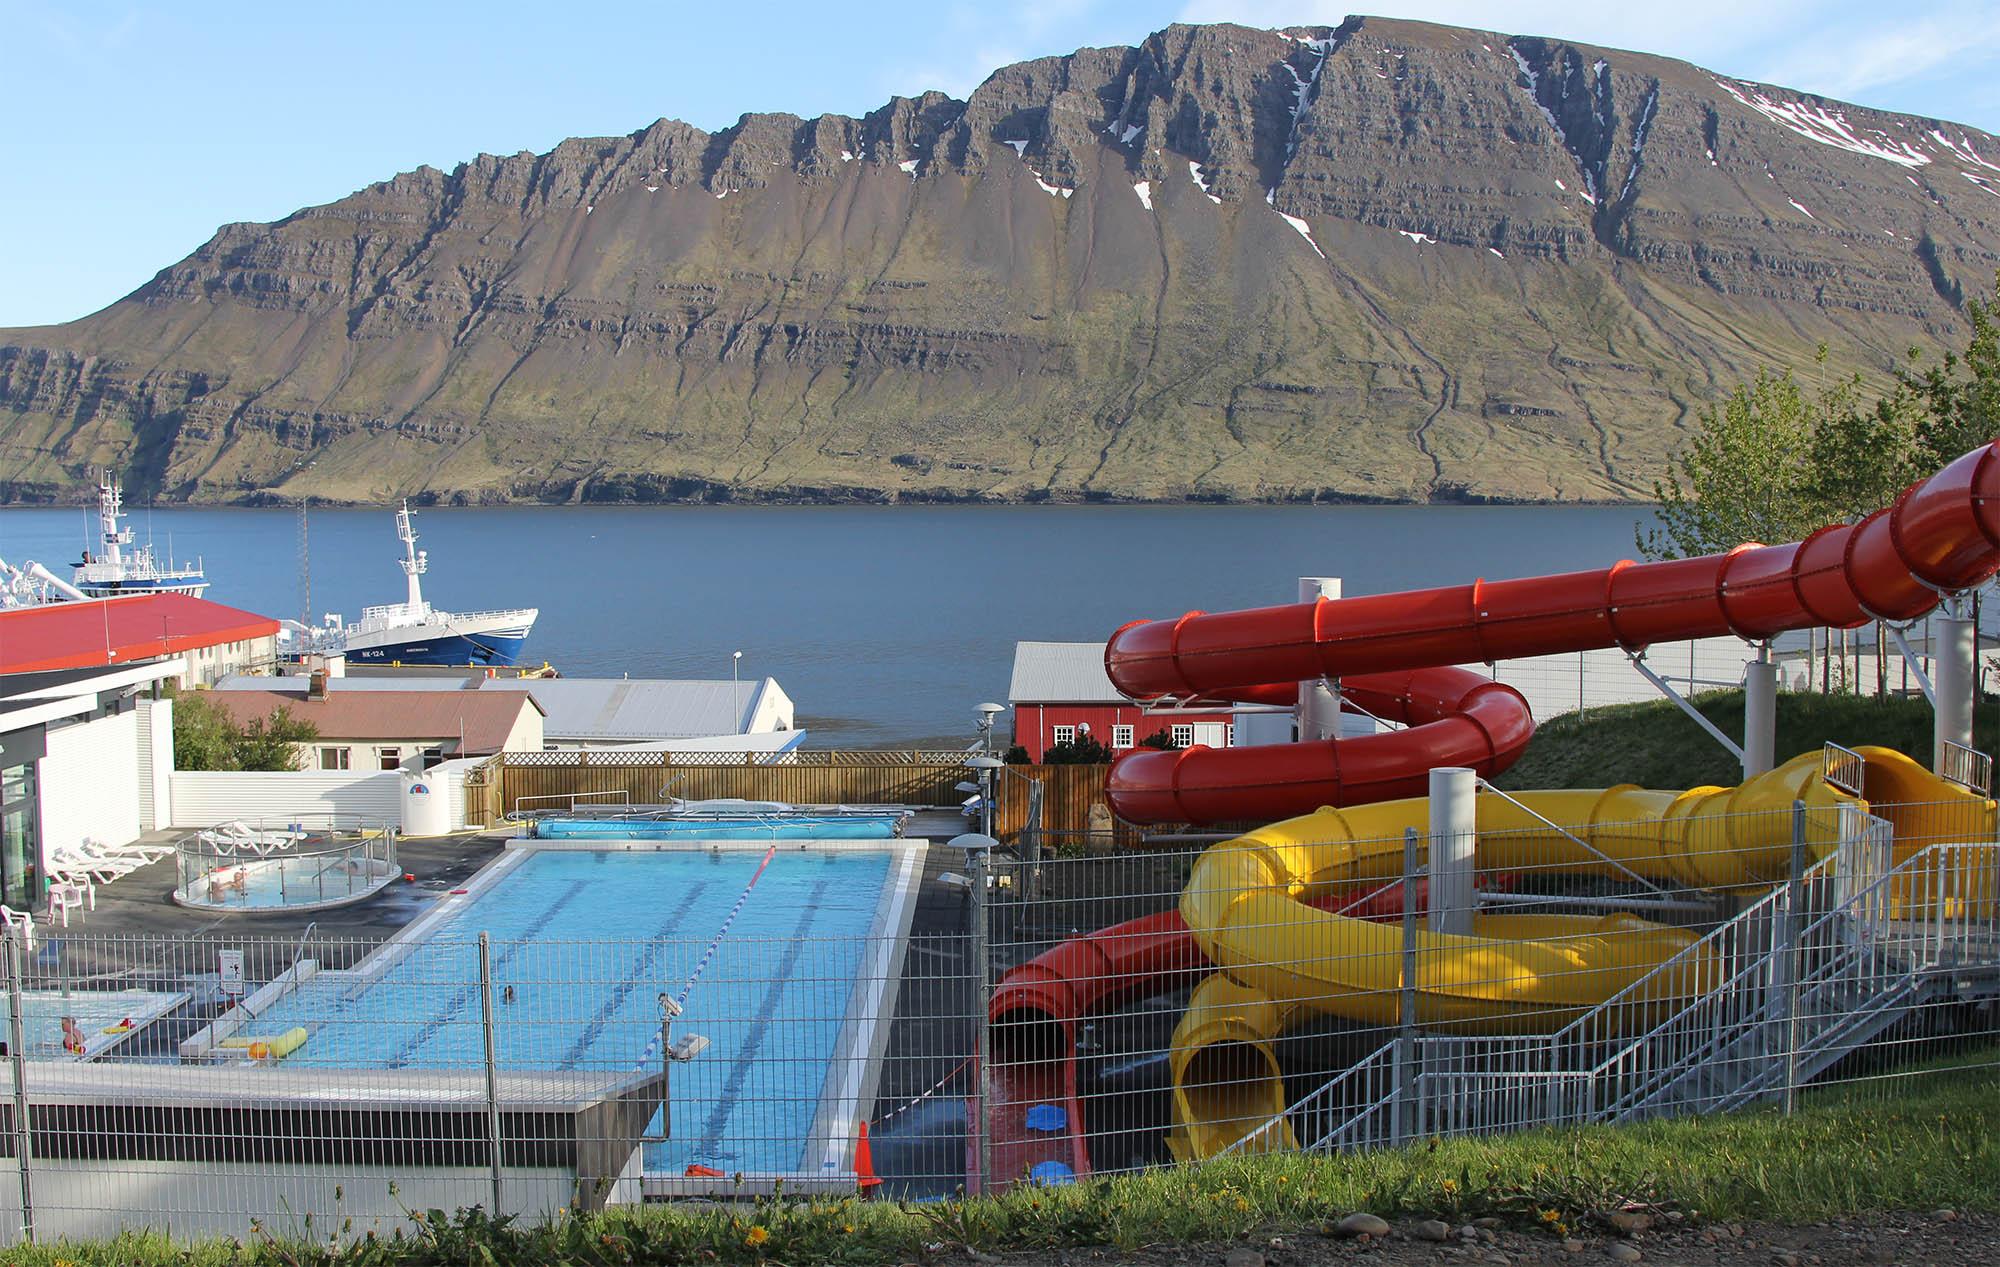 Бассейны можно встретить в каждом маленьком городе Исландии. Так выглядит бассейн в городе с населением 1500 человек